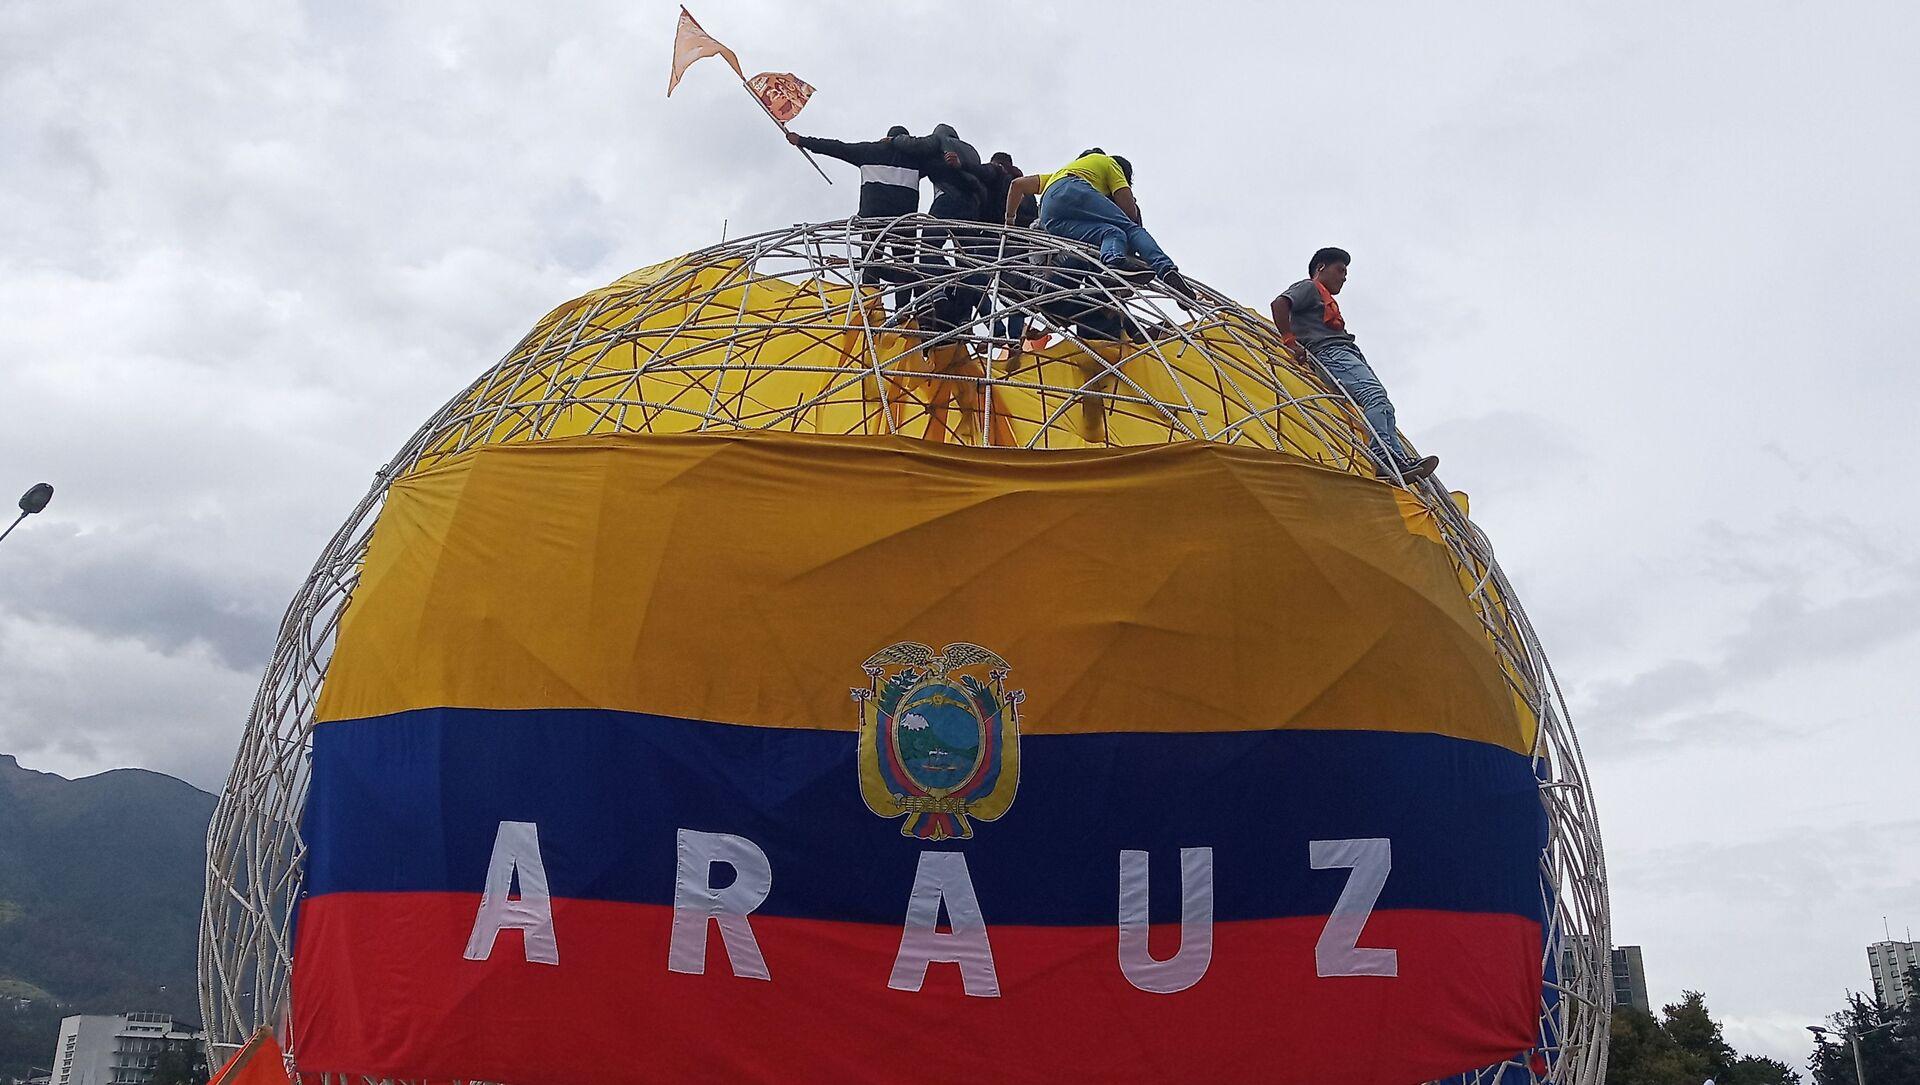 Cierre de campaña de Arauz - Sputnik Mundo, 1920, 11.02.2021